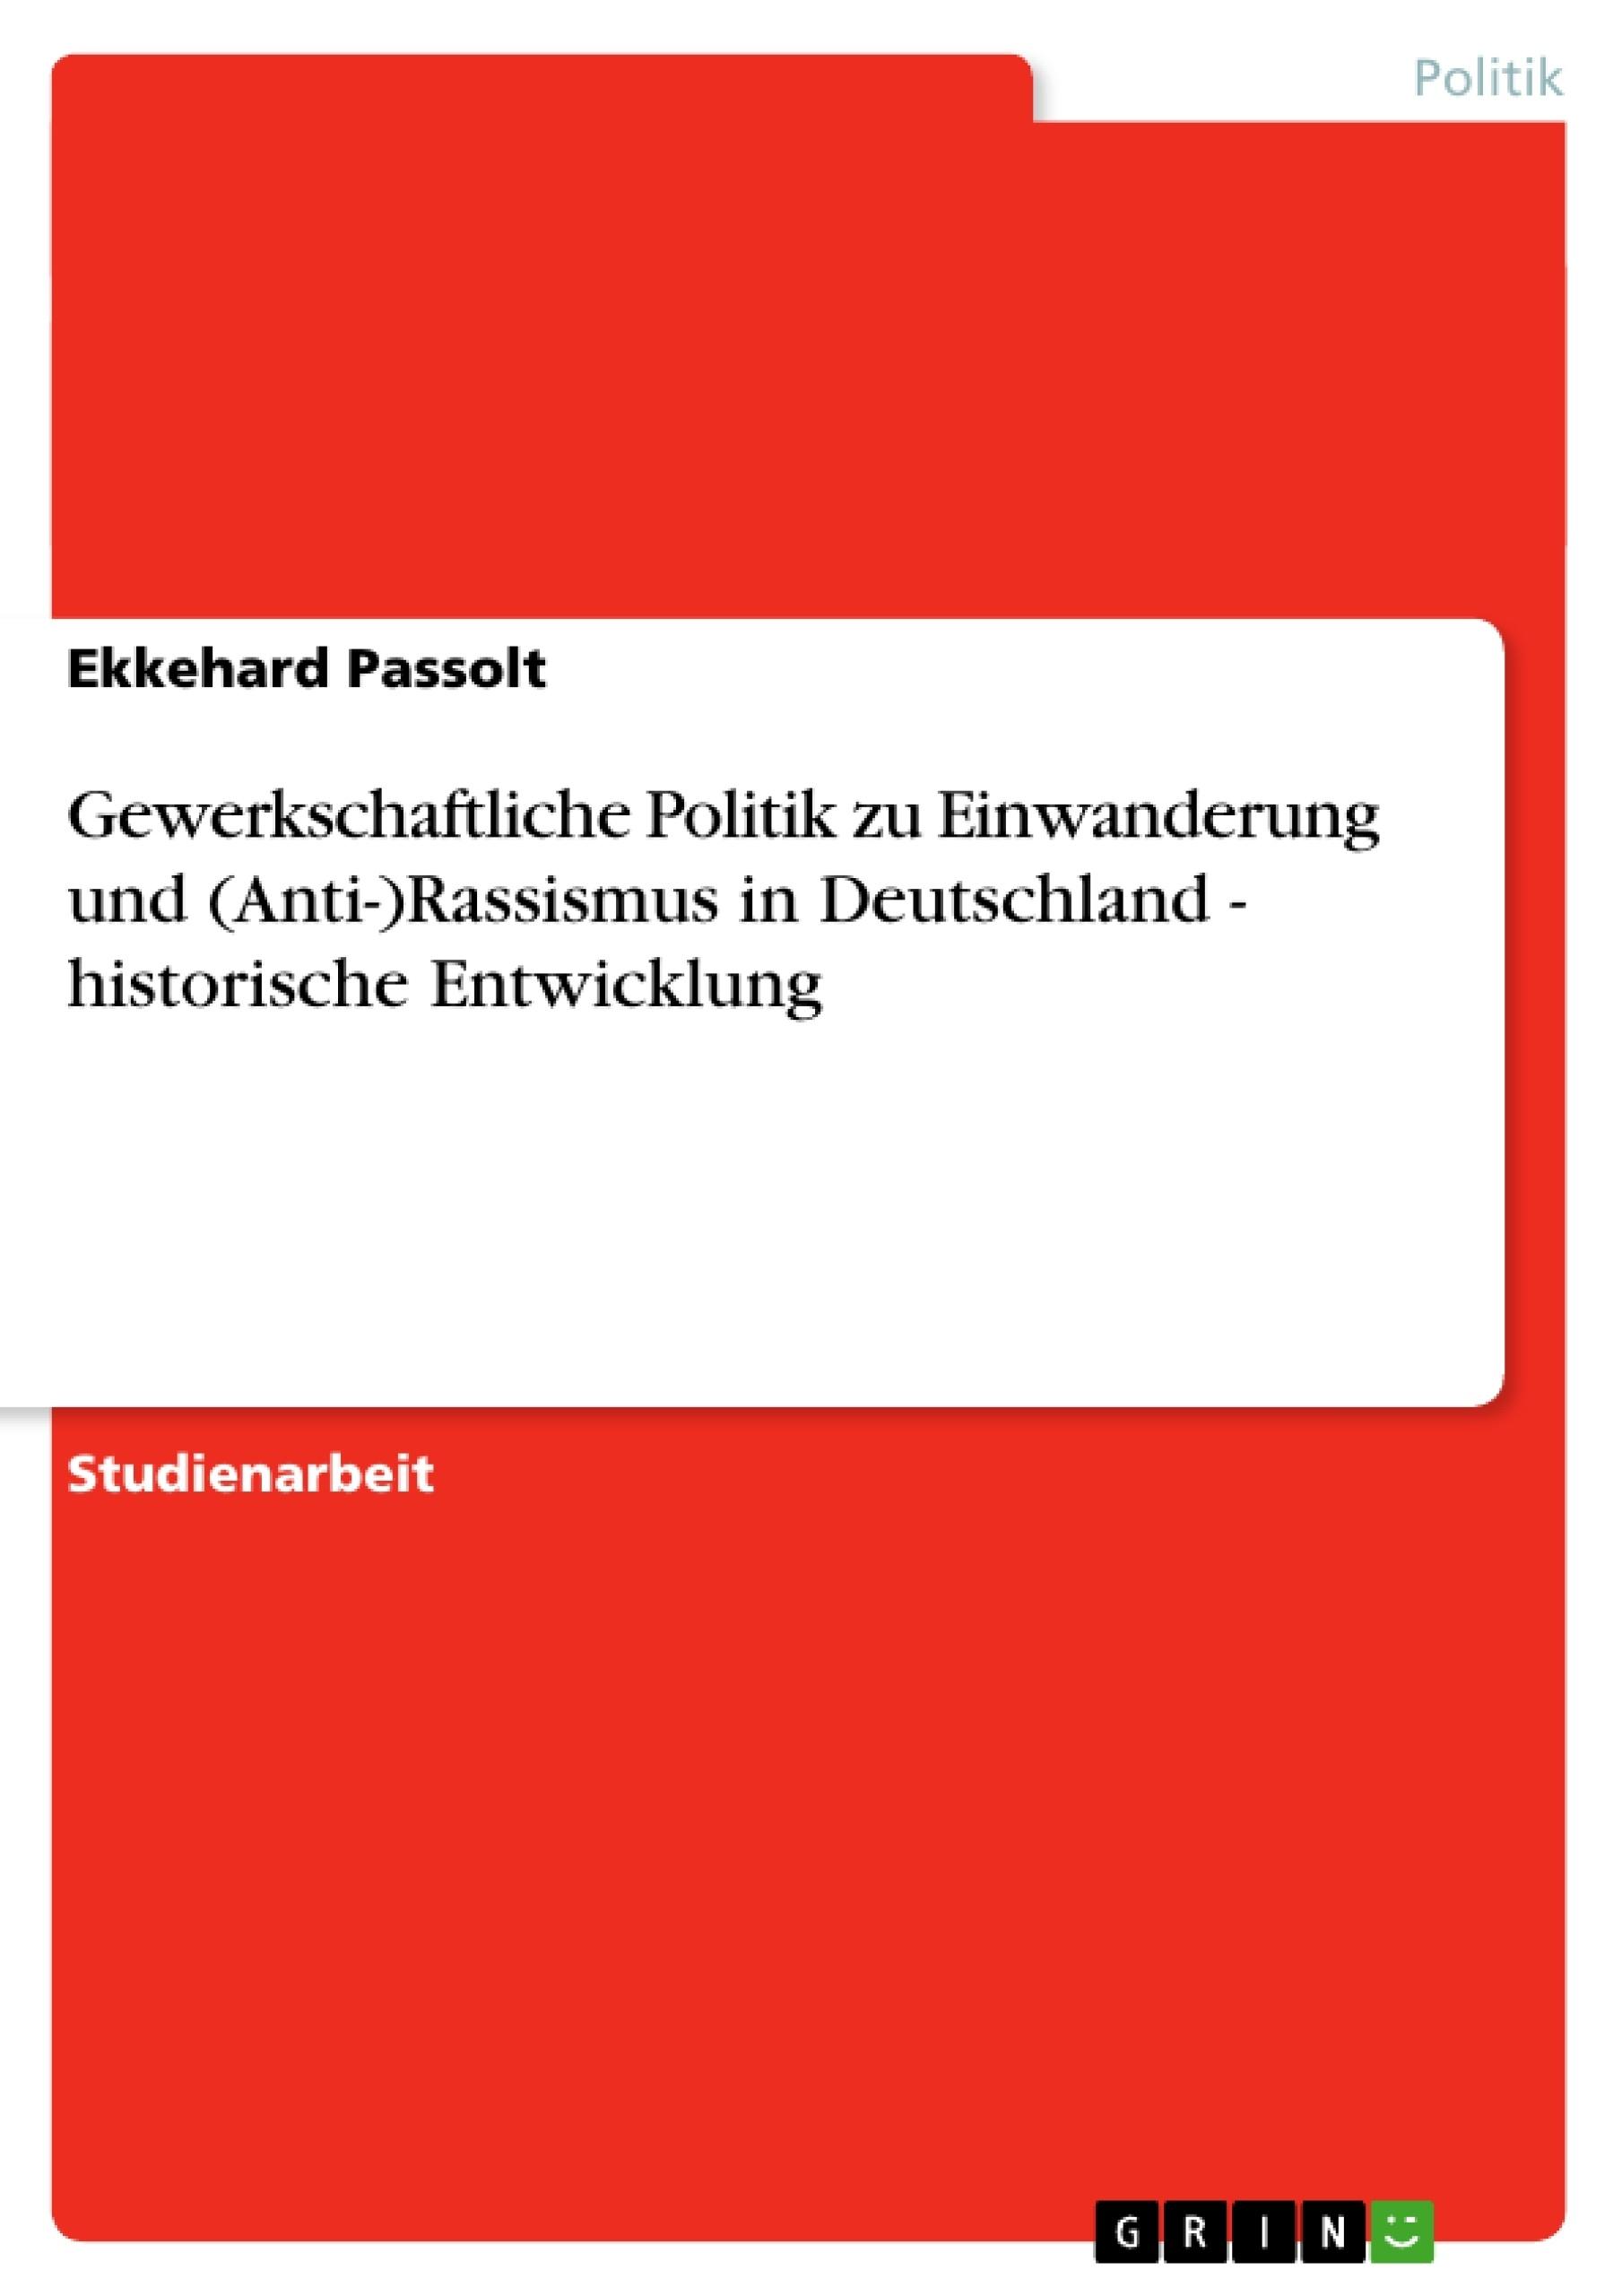 Titel: Gewerkschaftliche Politik zu Einwanderung und (Anti-)Rassismus in Deutschland - historische Entwicklung